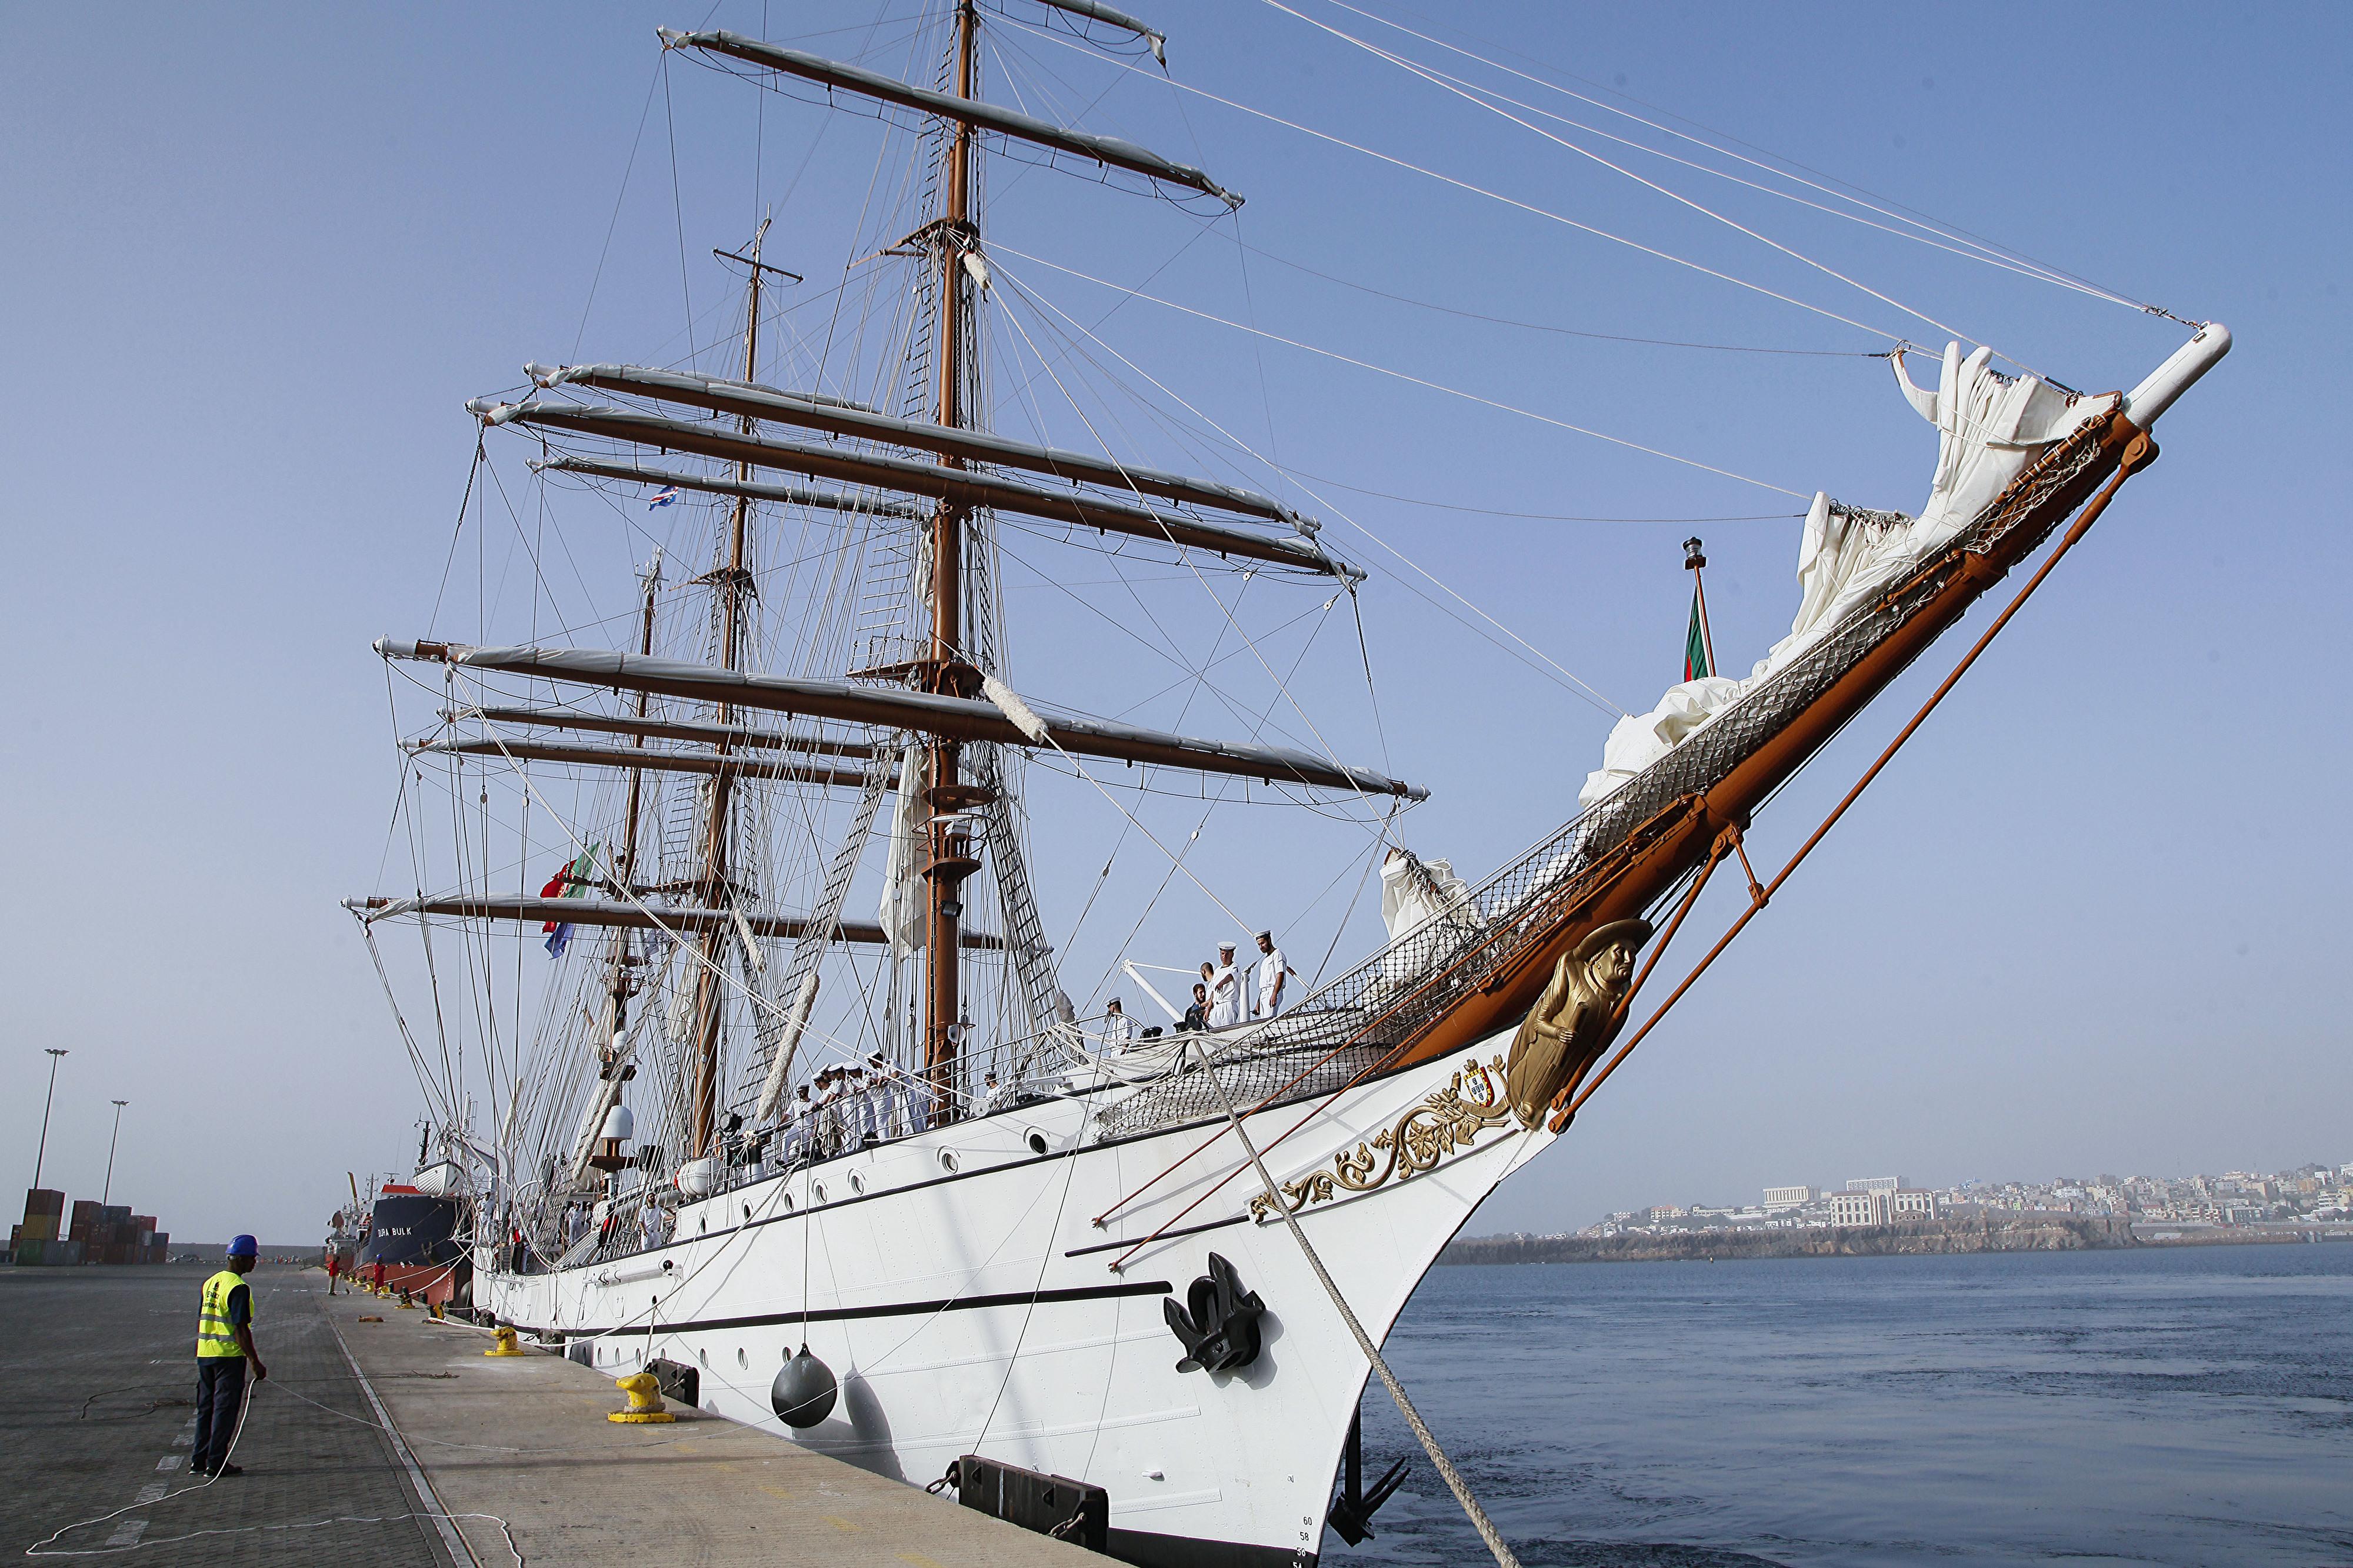 Navio-escola Sagres chega a Cabo Verde a navegar só com vela e com vinho para amadurecer a bordo